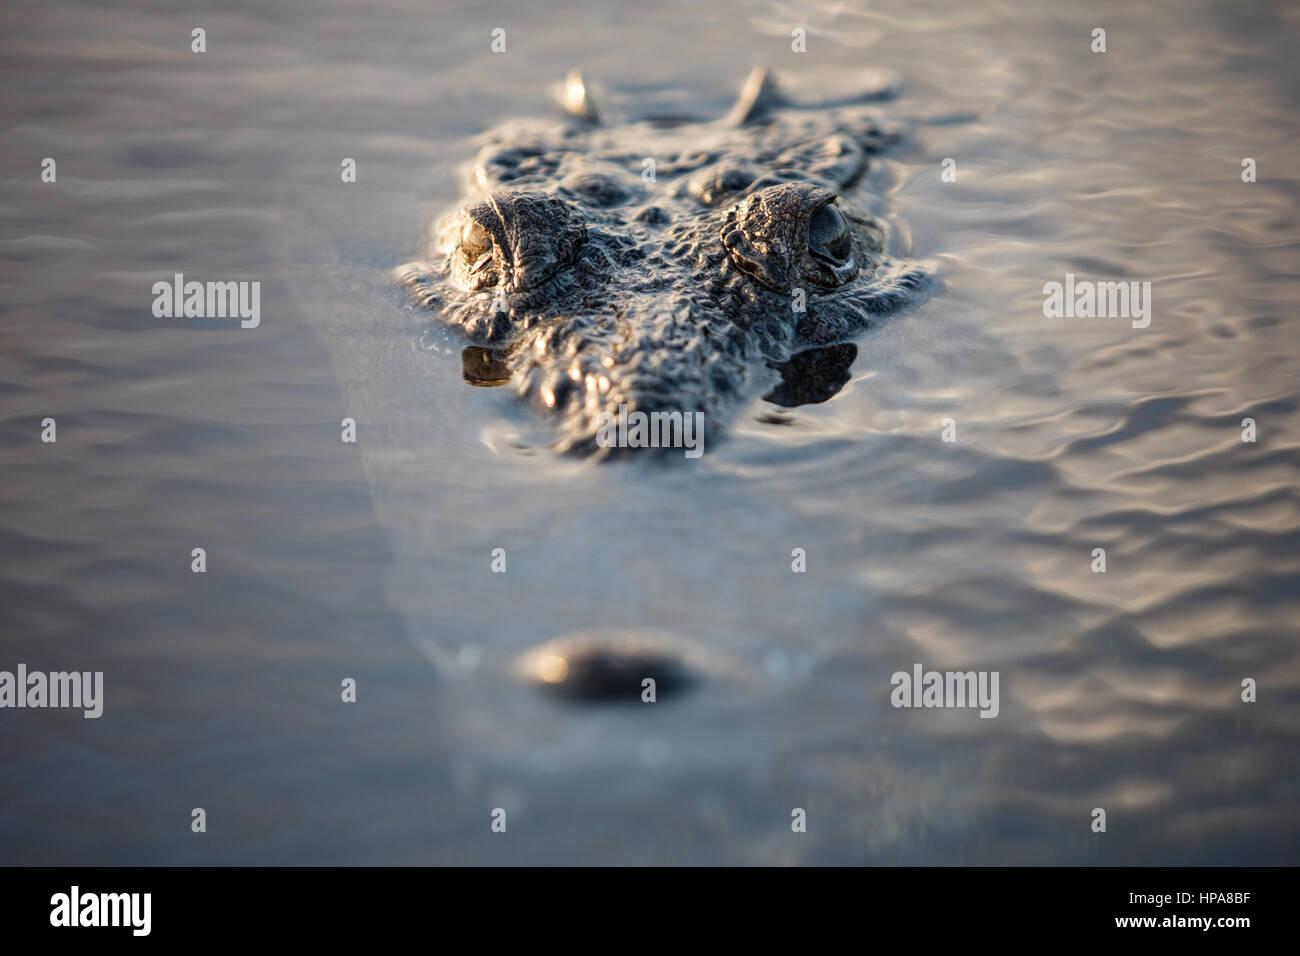 Eine schleichende Spitzkrokodil liegt knapp unter der Oberfläche einer Lagune vor der Küste von Belize. Stockbild